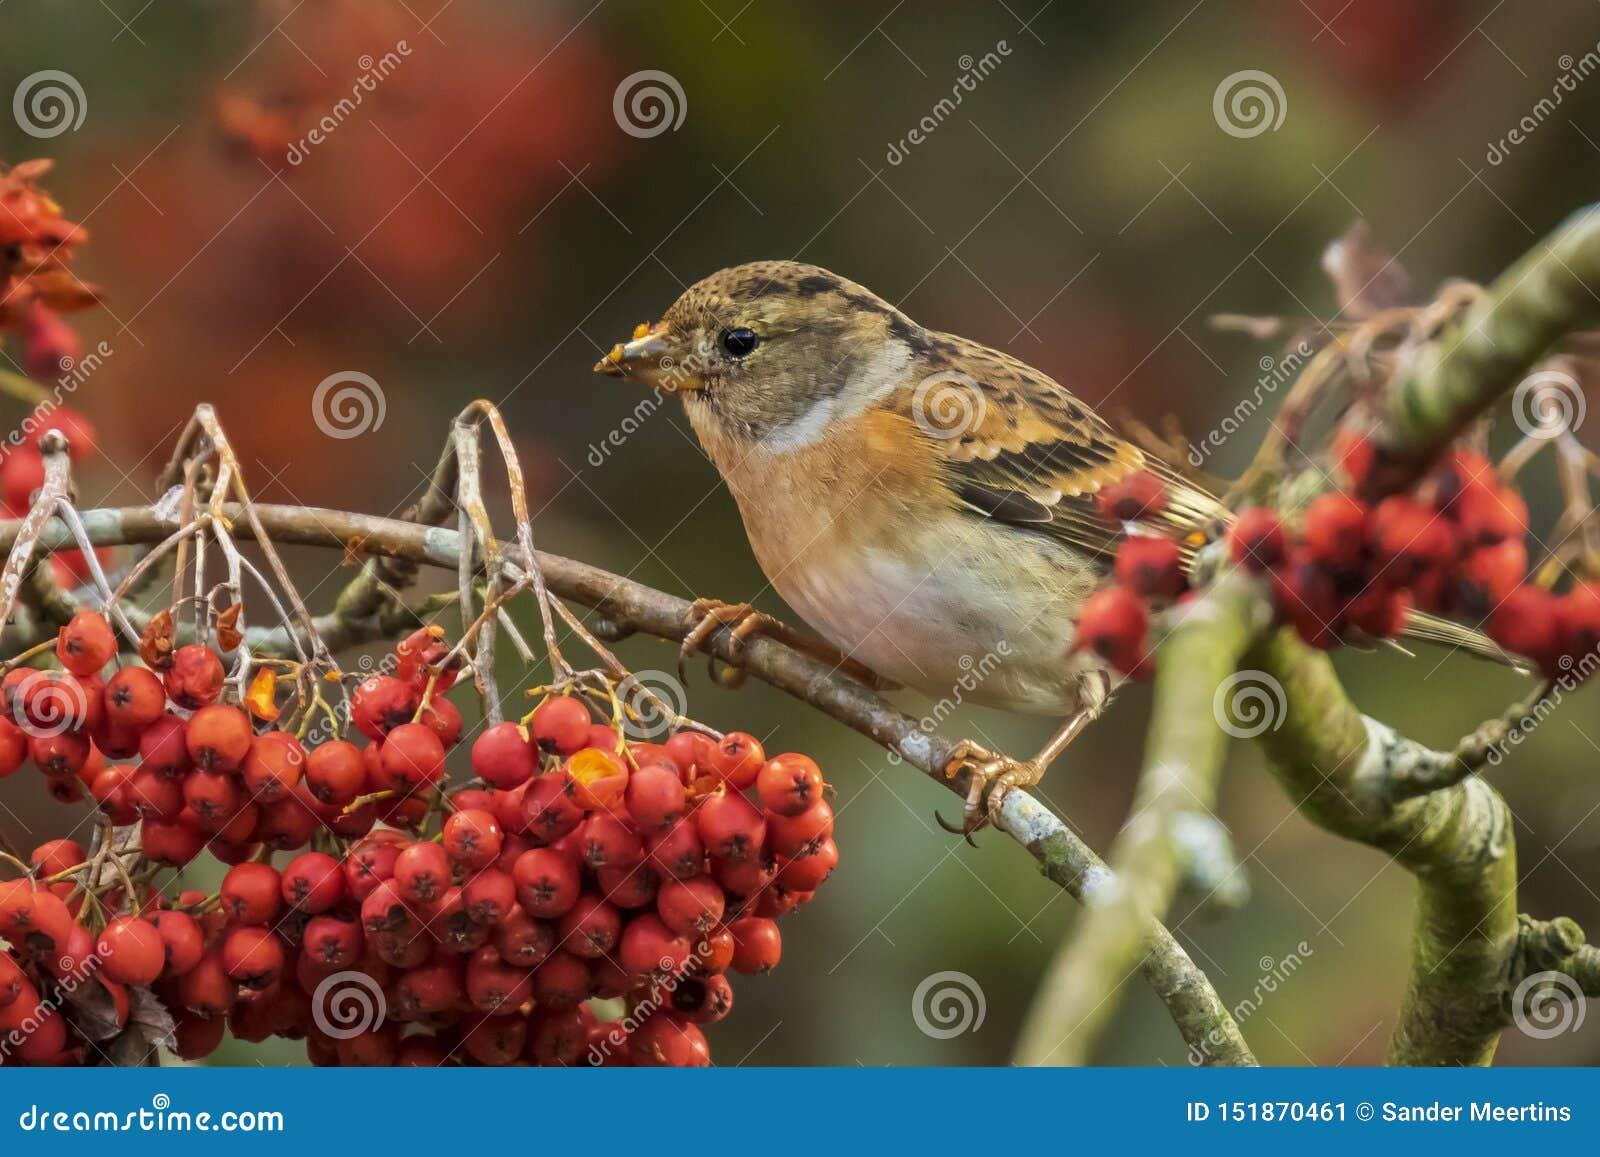 Brambling bird, Fringilla montifringilla, in winter plumage feeding berries